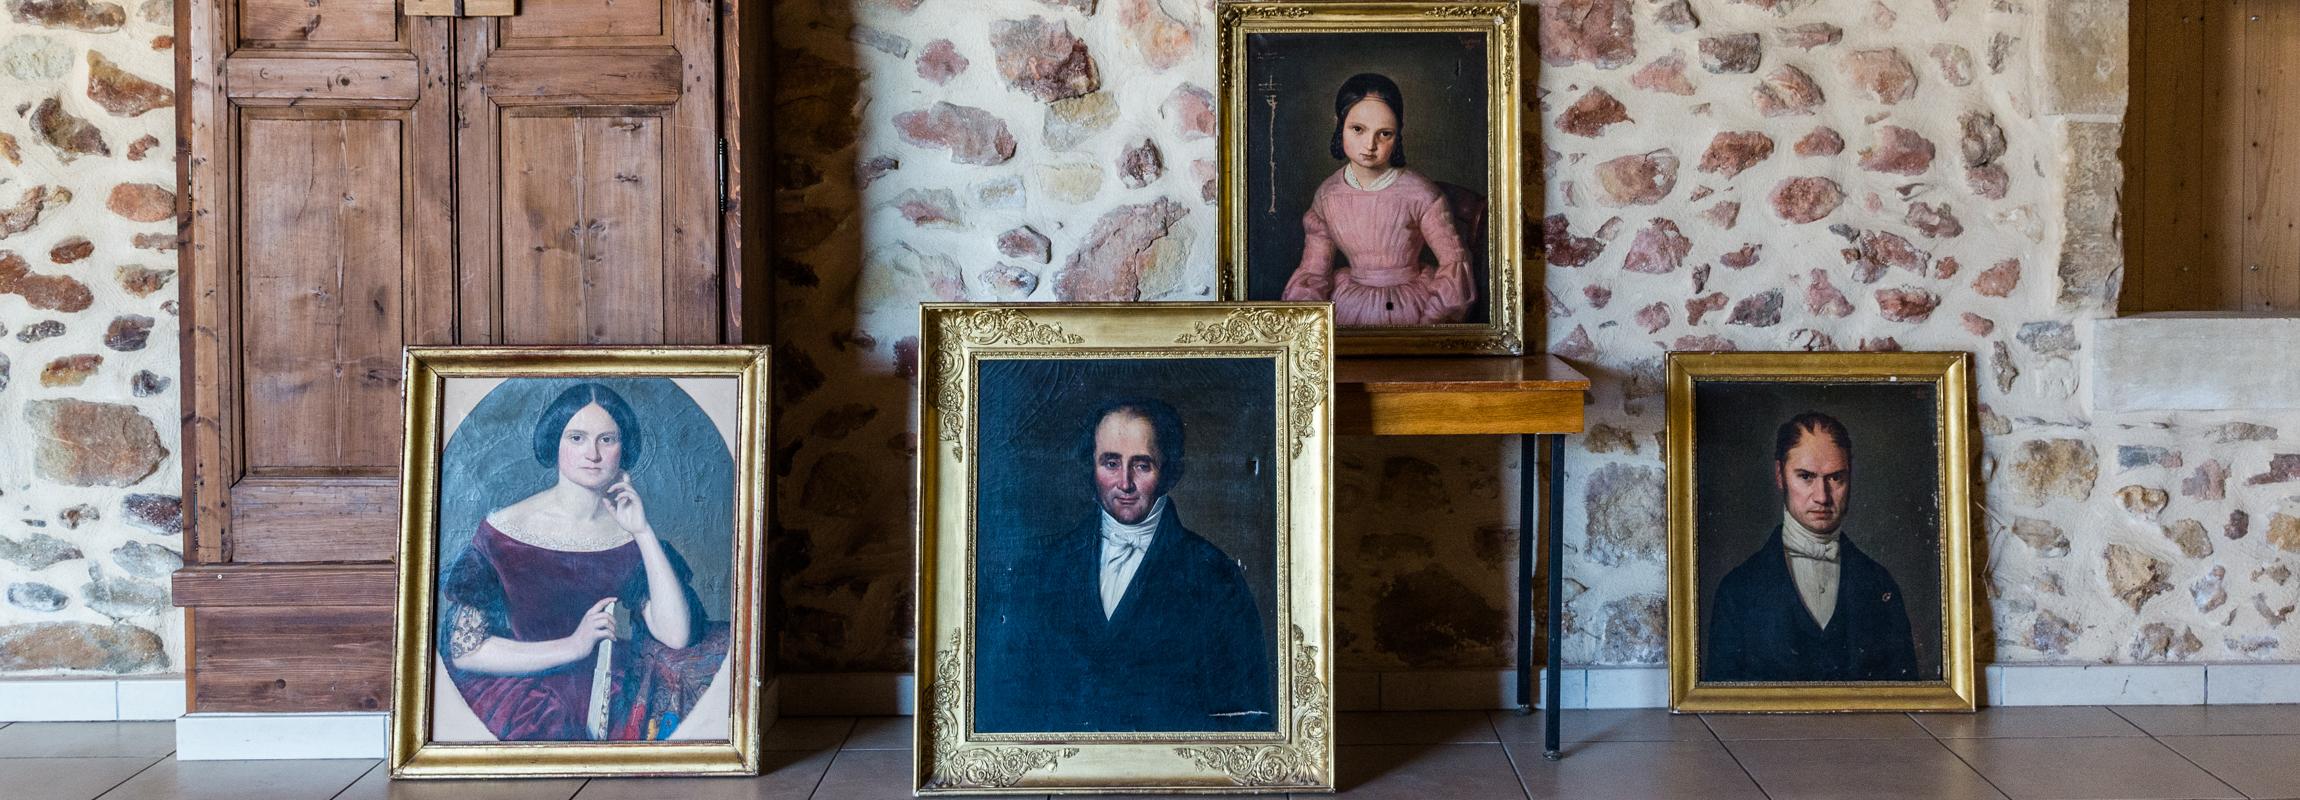 Die vier Gemäldeportraits zeigen den Erbauer des Château de Montcaud, Alexandre Eugène Collain und drei seiner Nachkommen. Das in der Provence, Südfrankreich gelegene Anwesen wurde in den 1990er Jahren erstmals in ein Hotel umgebaut und nach extensiver Renovation im Sommer 2018 neu eröffnet.